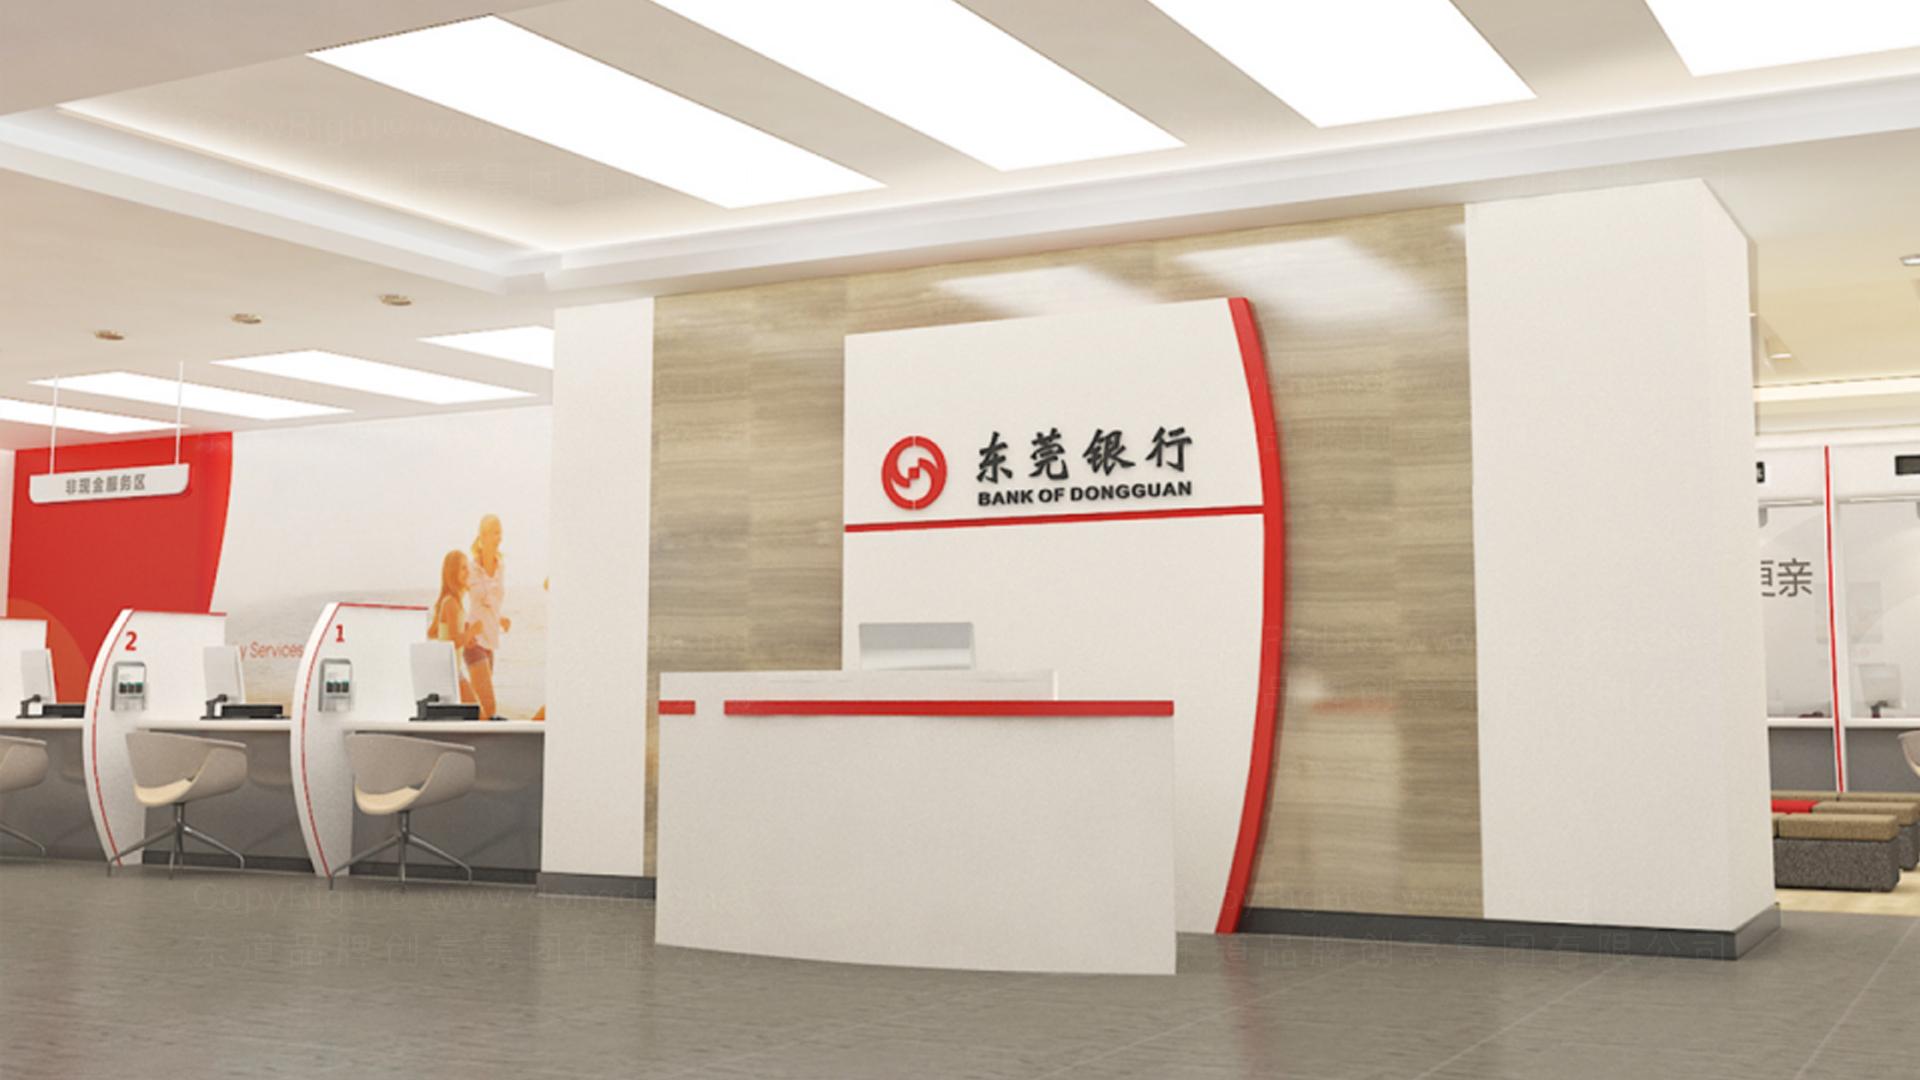 商业空间&导示案例东莞银行自助网点SI设计